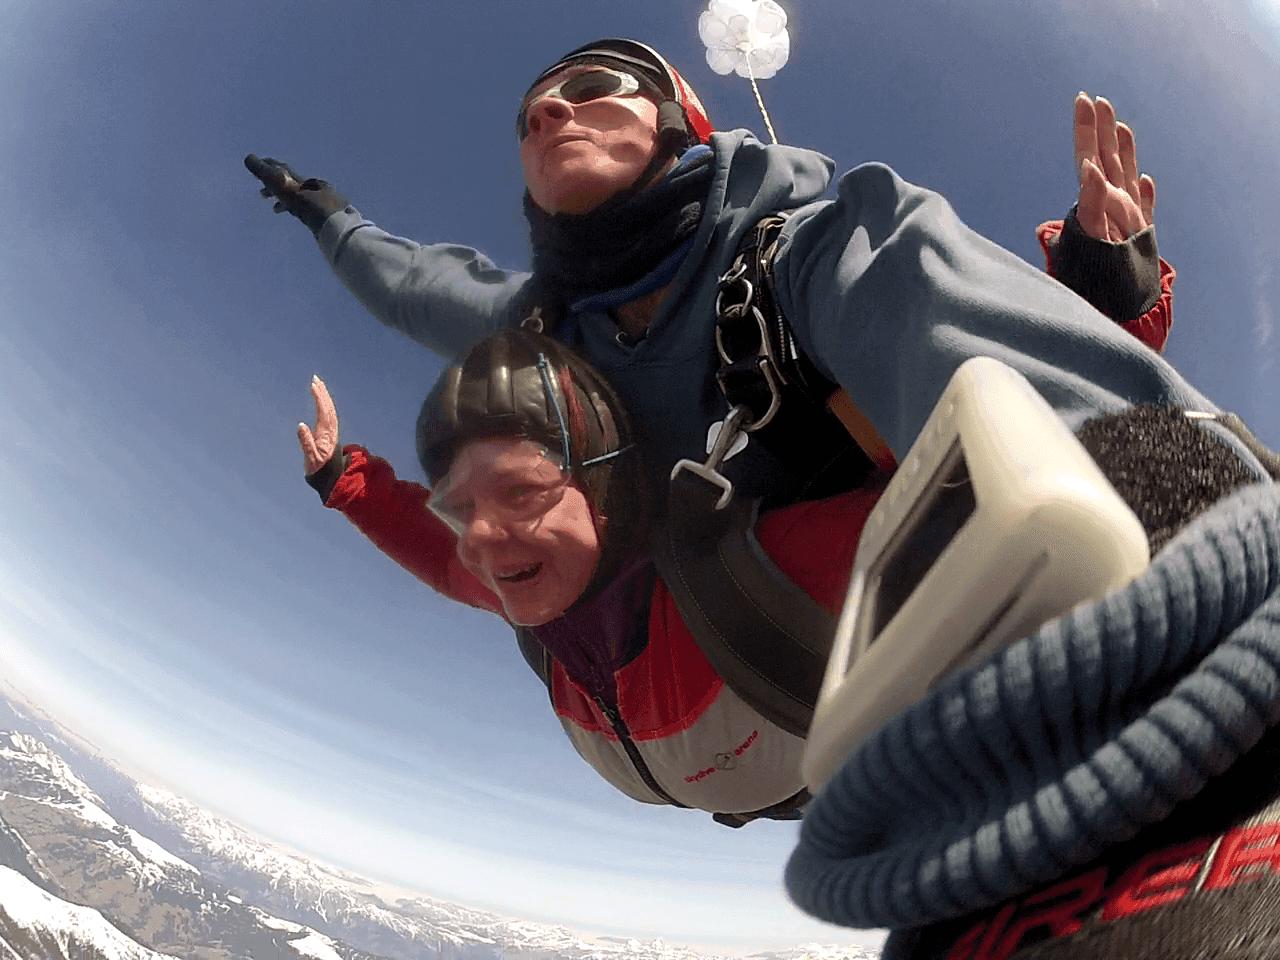 Tandemsprung Familie Ausflug